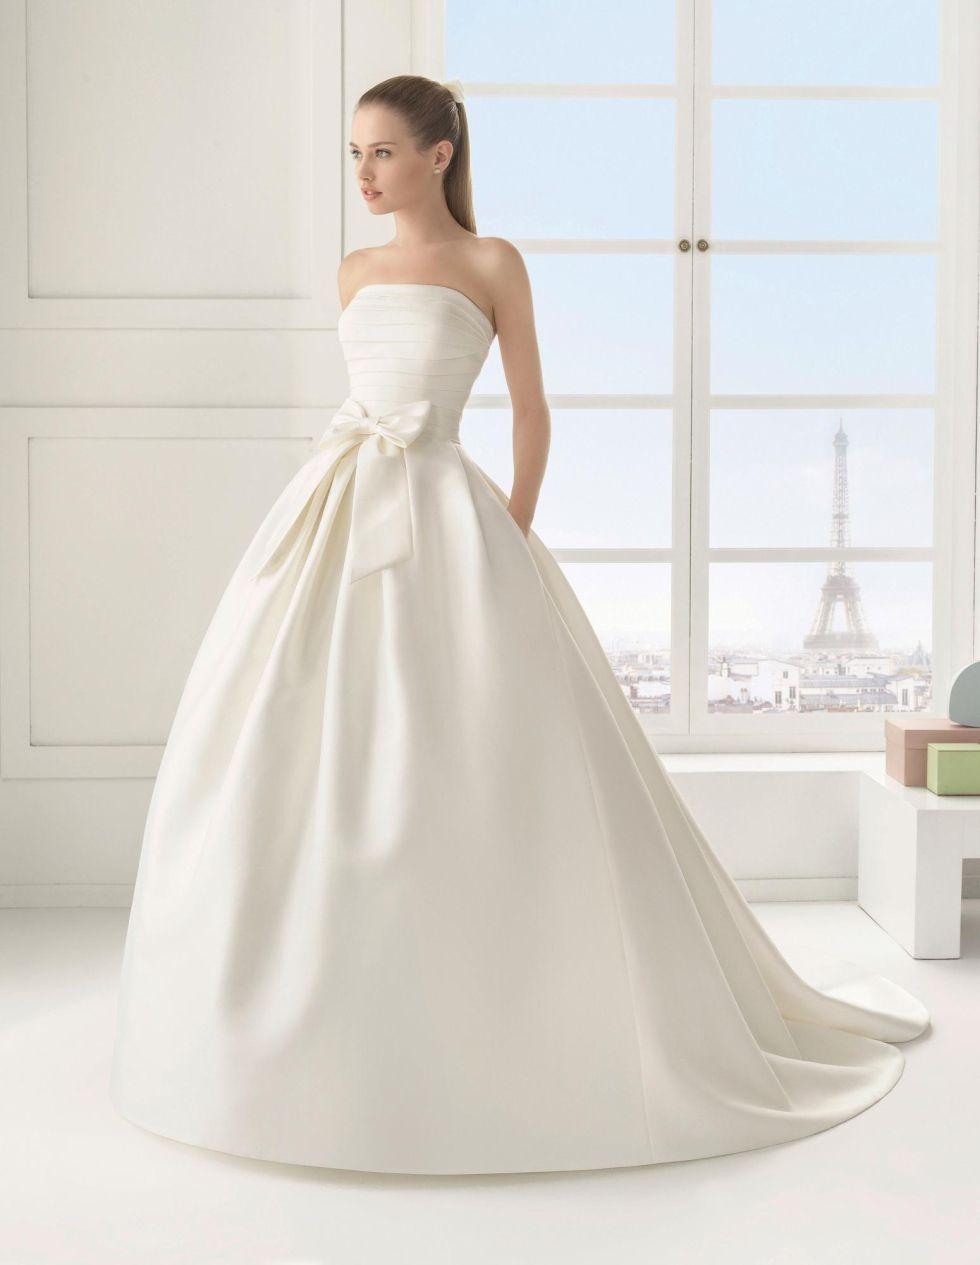 Vestiti Da Sposa In Raso.Abito Da Sposa Raso Duchesse Abiti Da Sposa Sposa Abiti Da